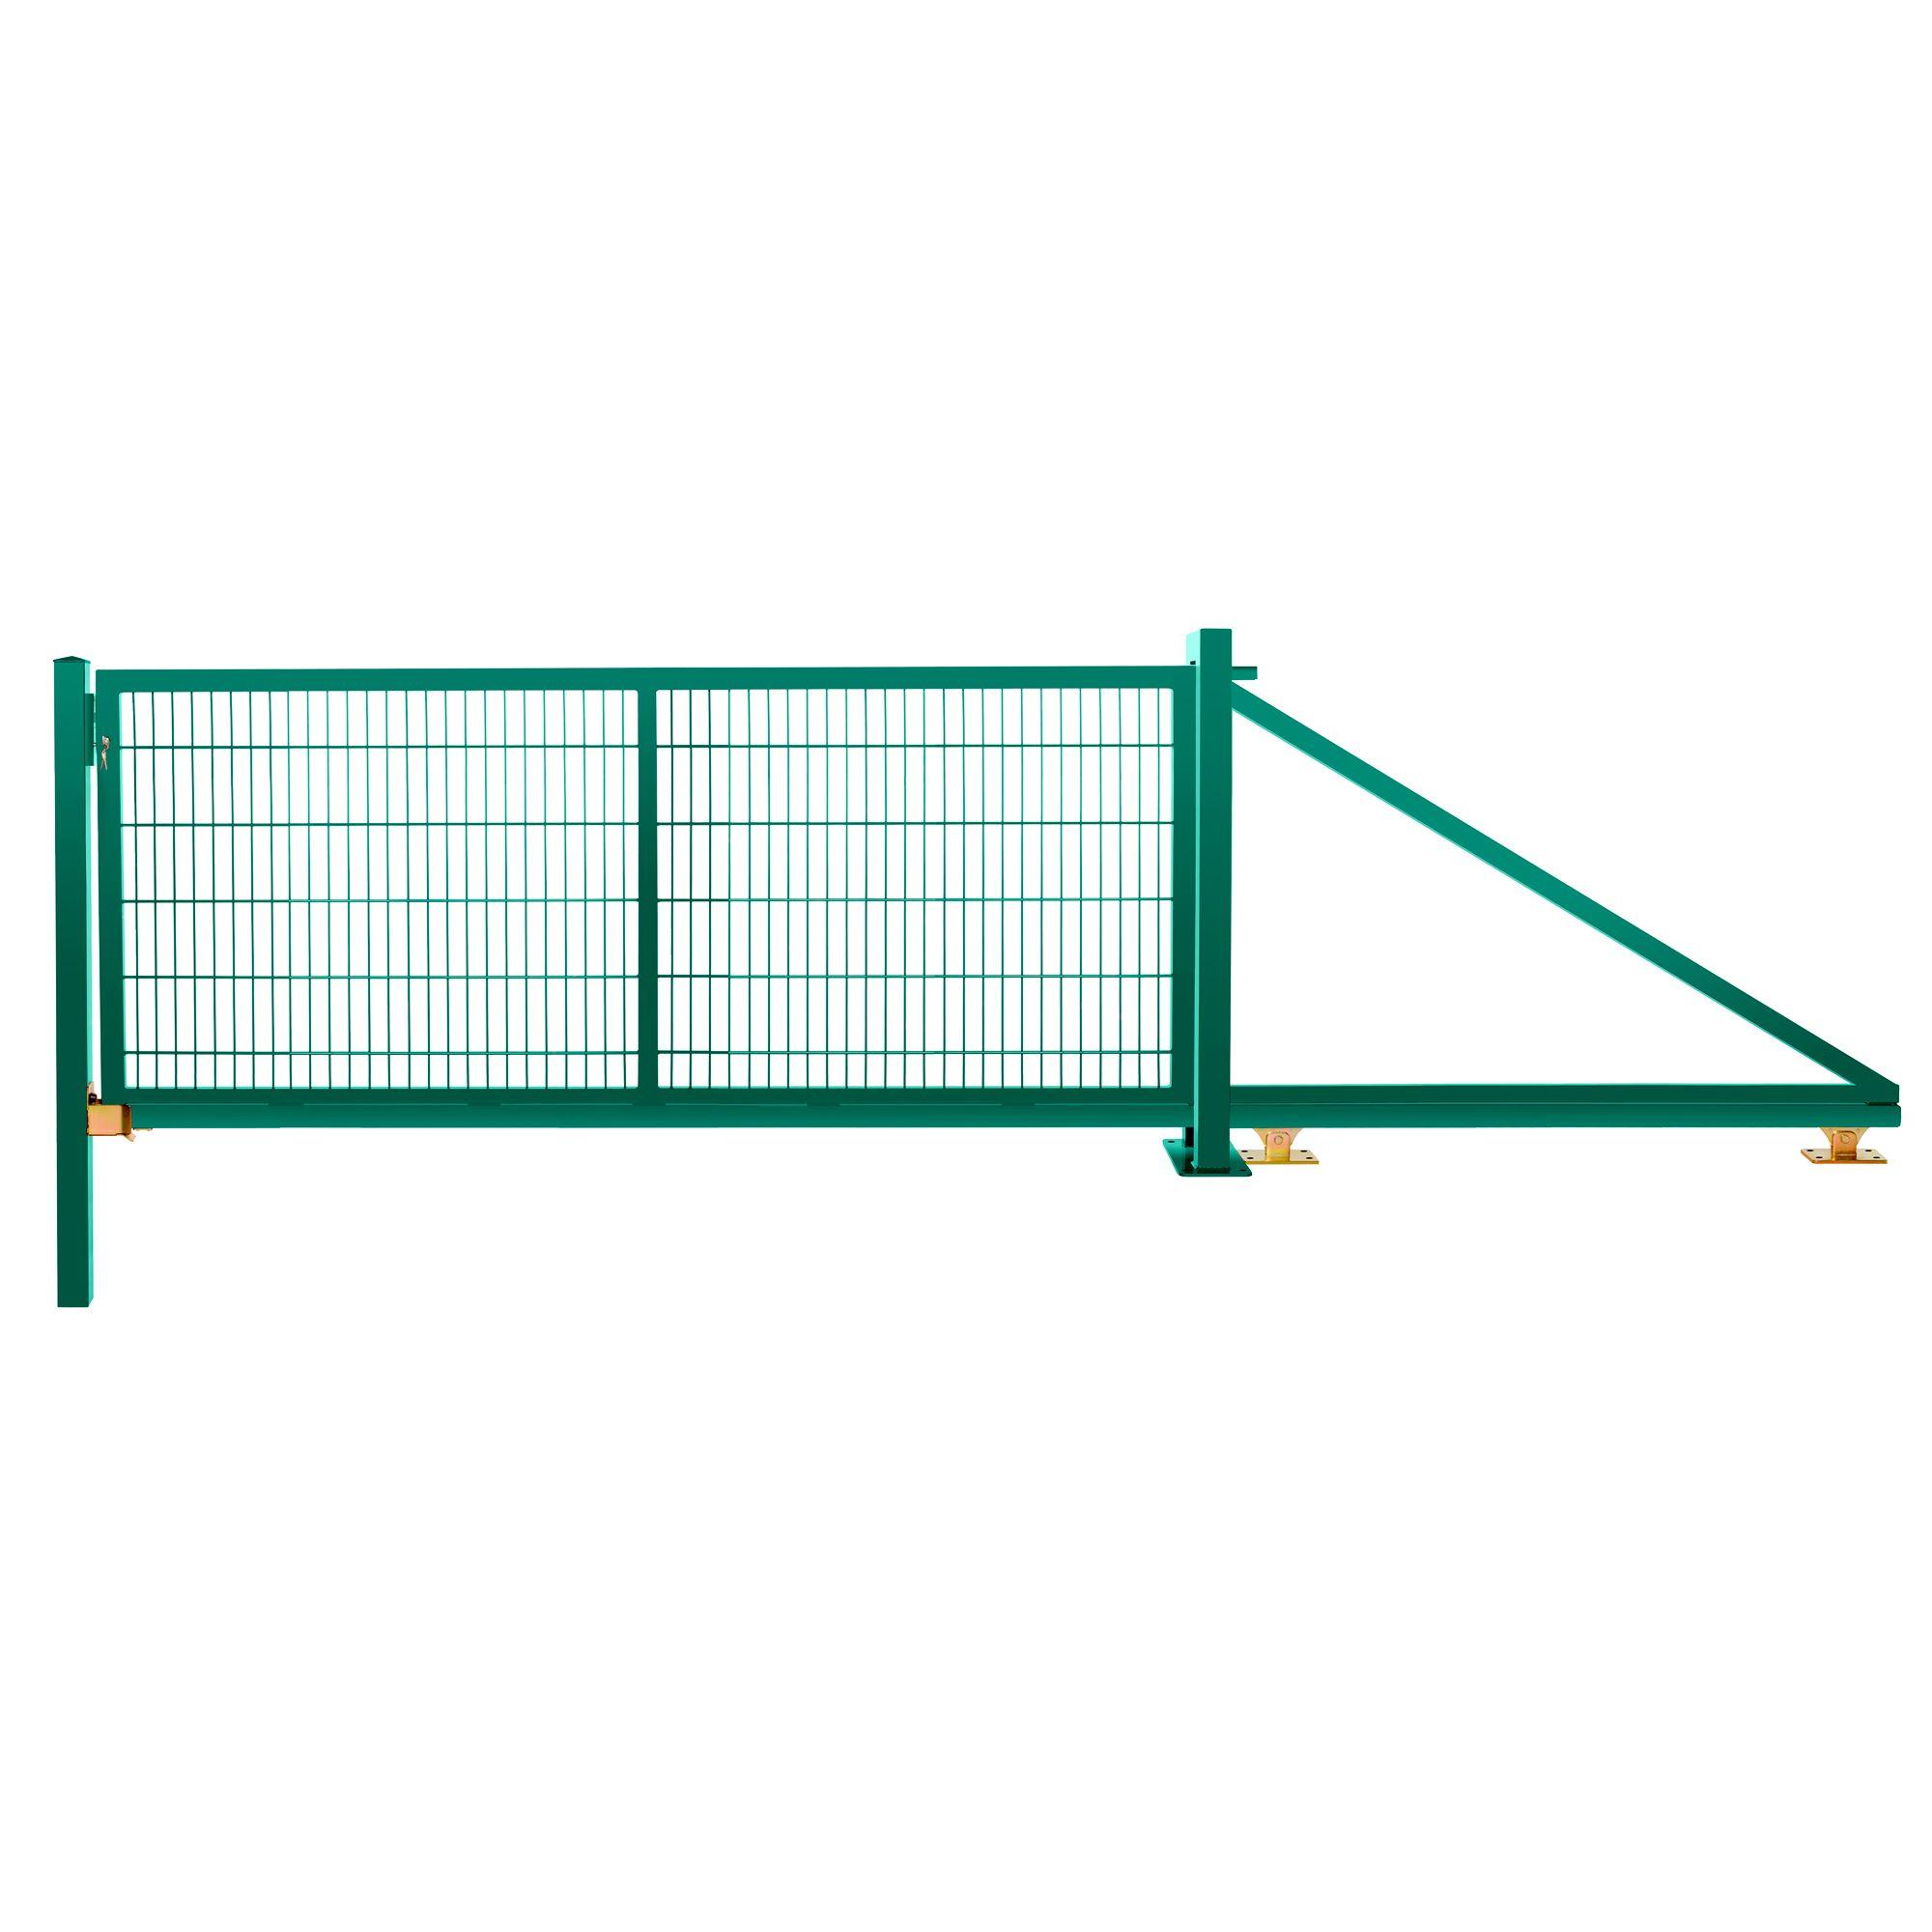 Schiebetor freitragend 1,23 m 3,00 m breit RAL 6005 moosgrün